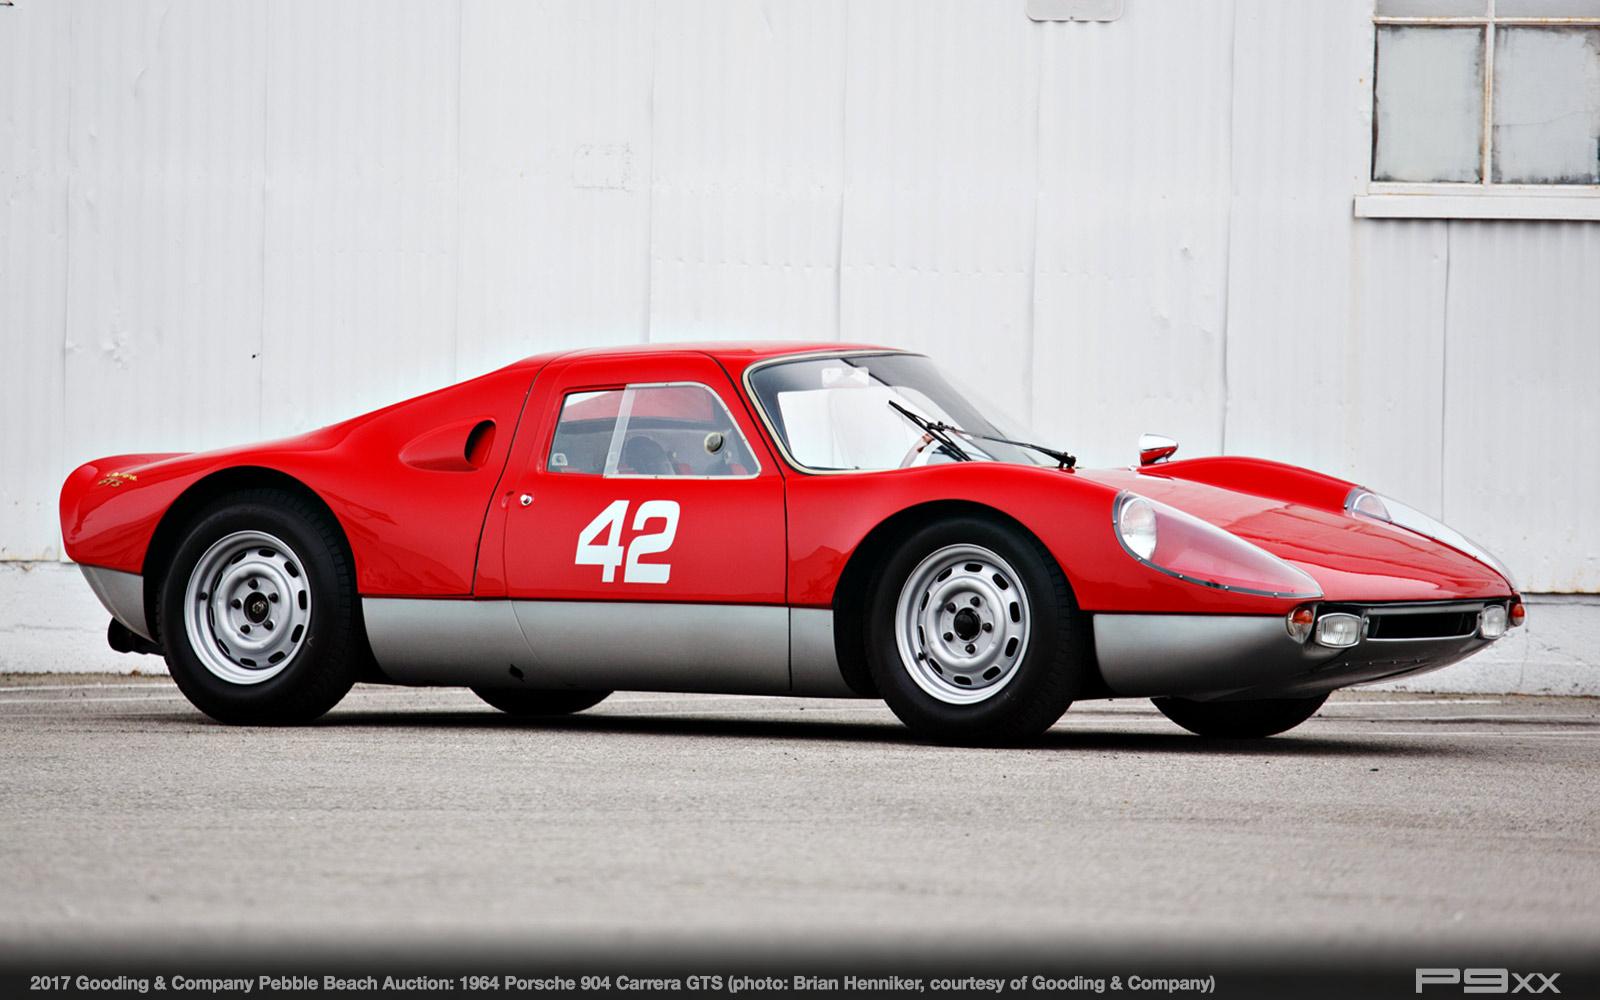 Lot 129 - 1964 Porsche 904 Carrera GTS